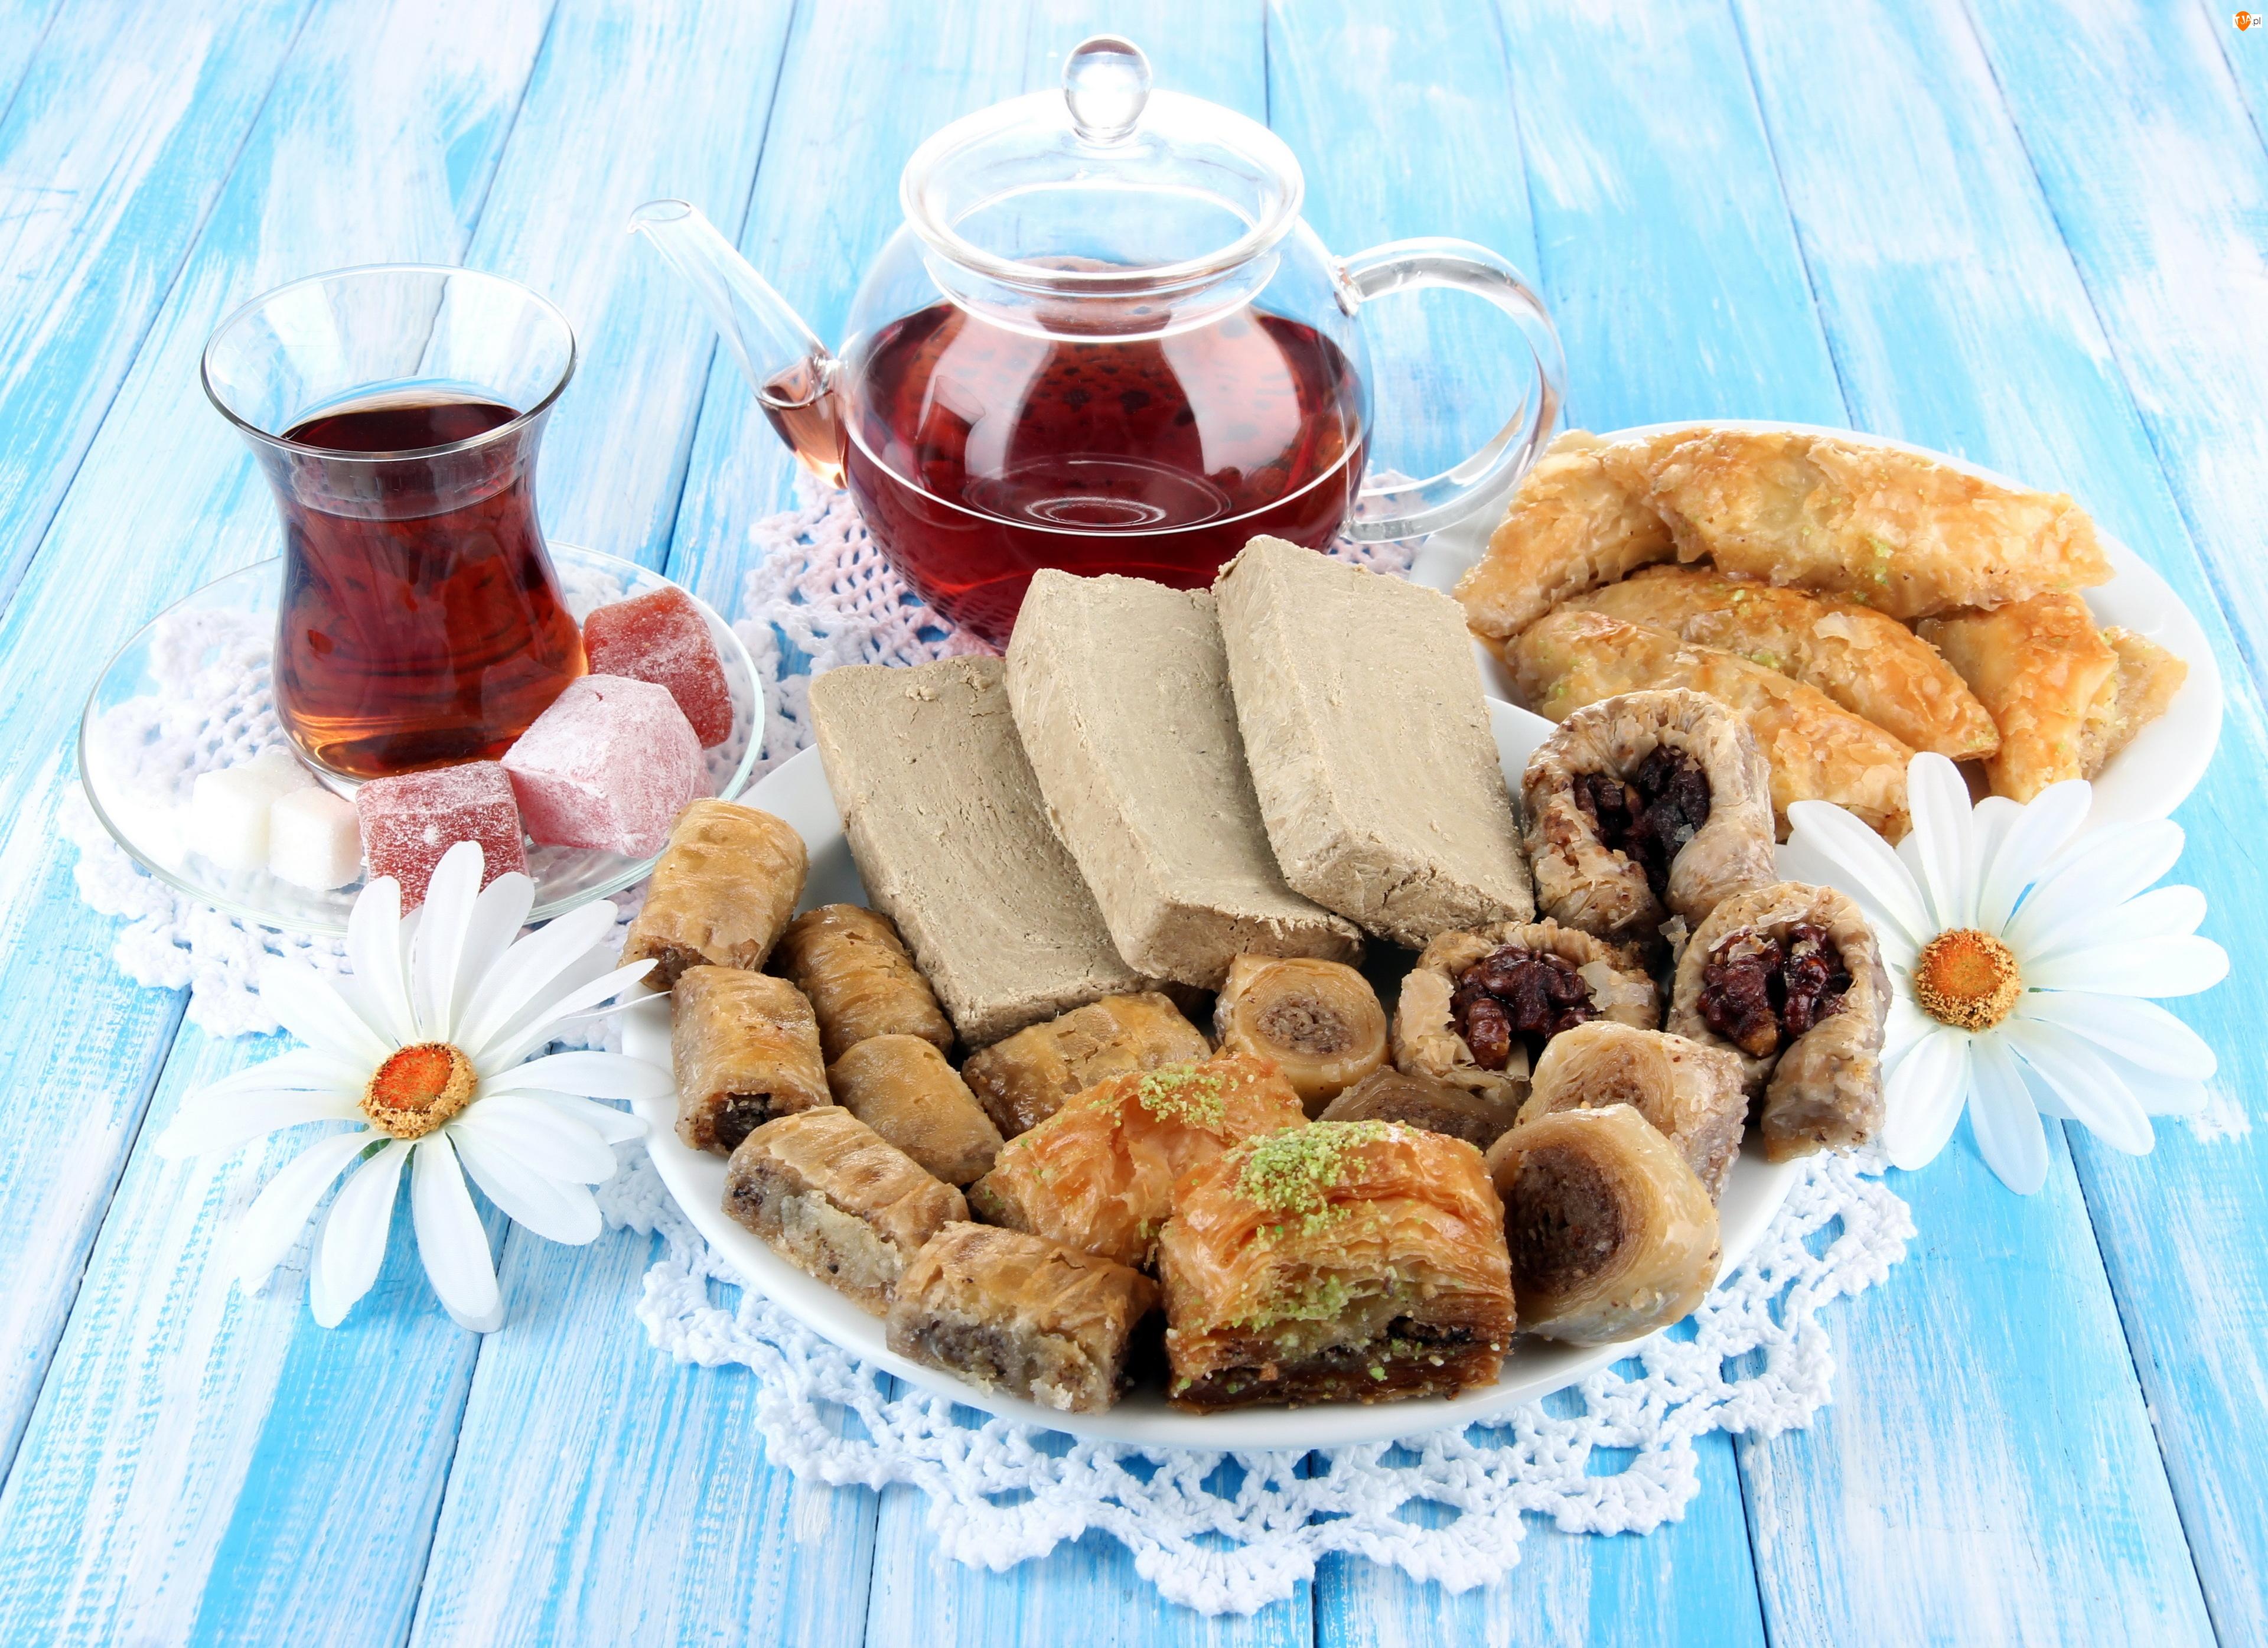 Herbata, Kwiaty, Chałwa, Słodycze